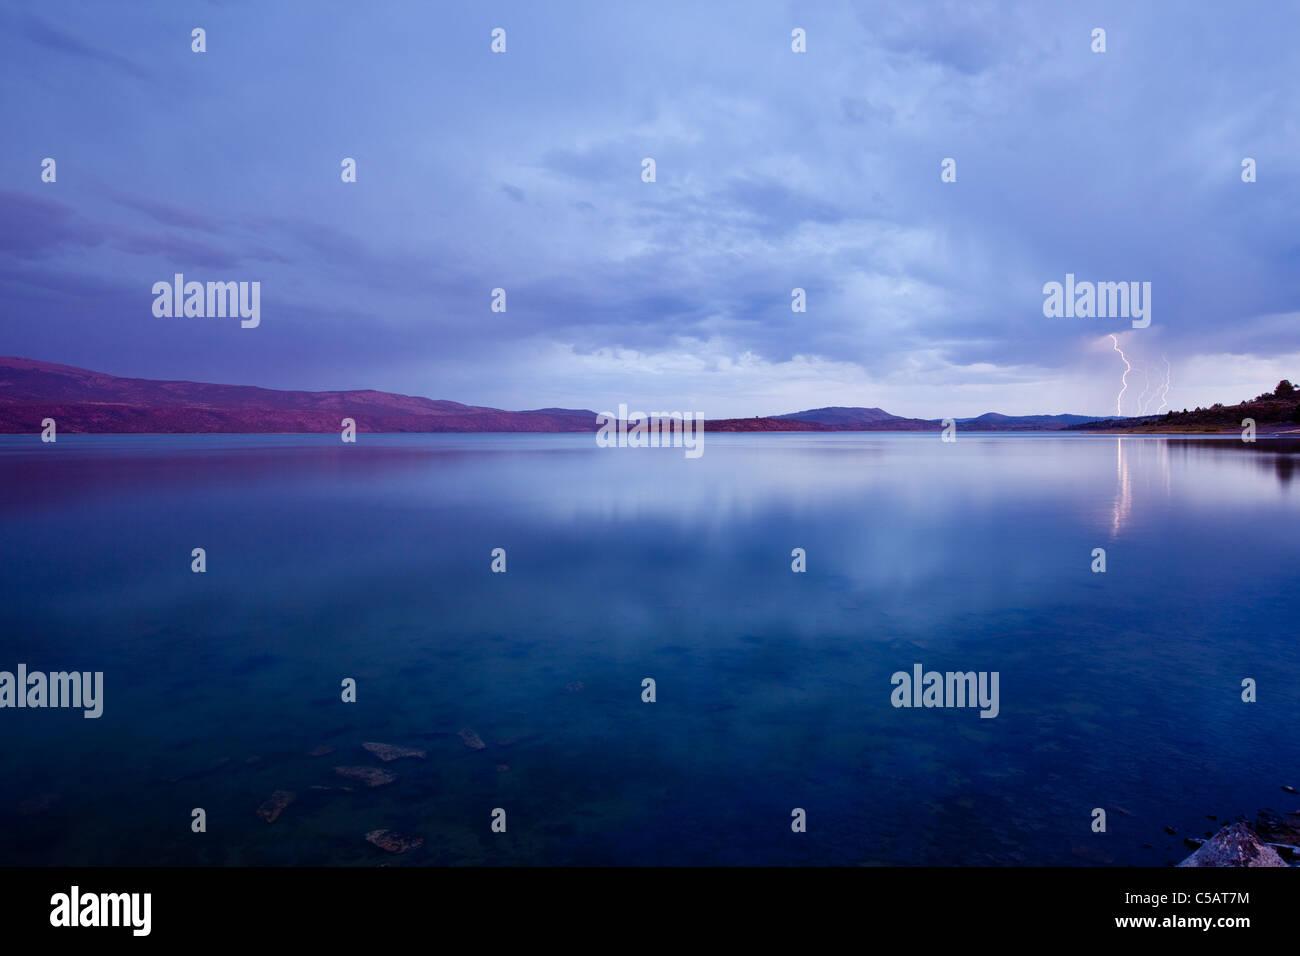 Coup de foudre sur le lac au coucher du soleil. Photo Stock